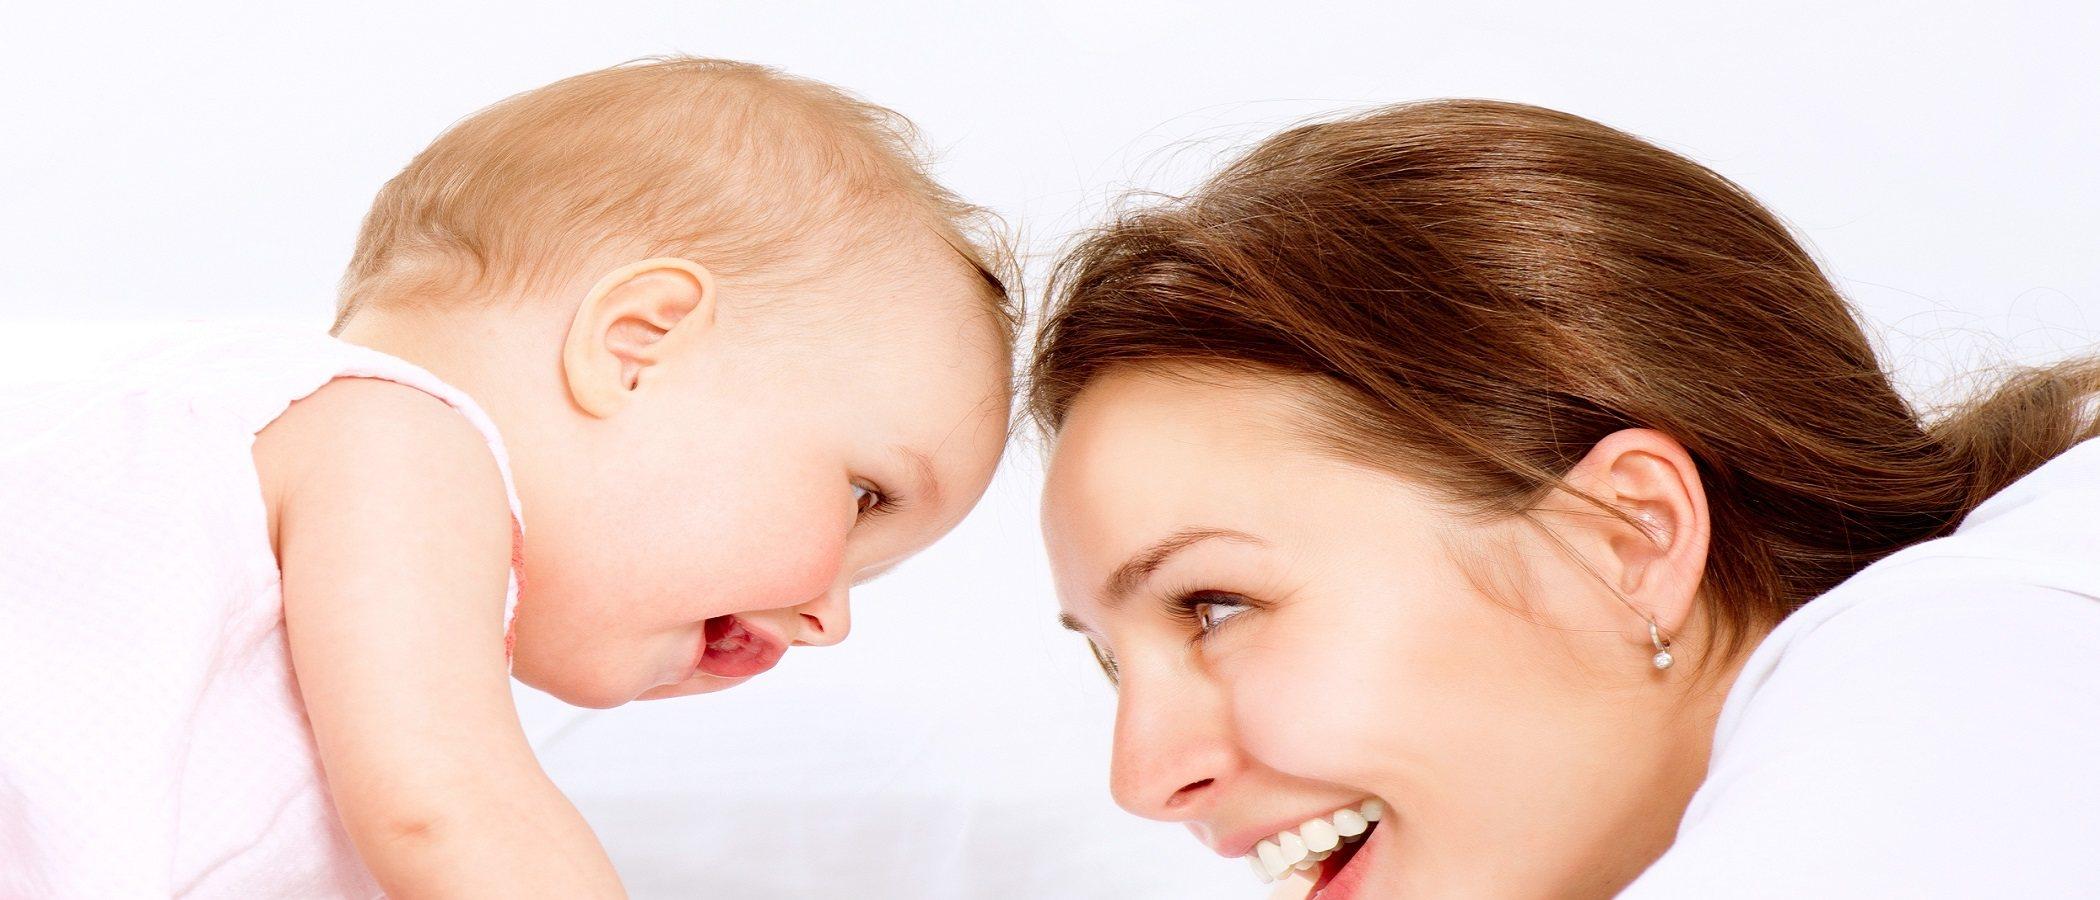 La importancia del contacto visual con los niños pequeños